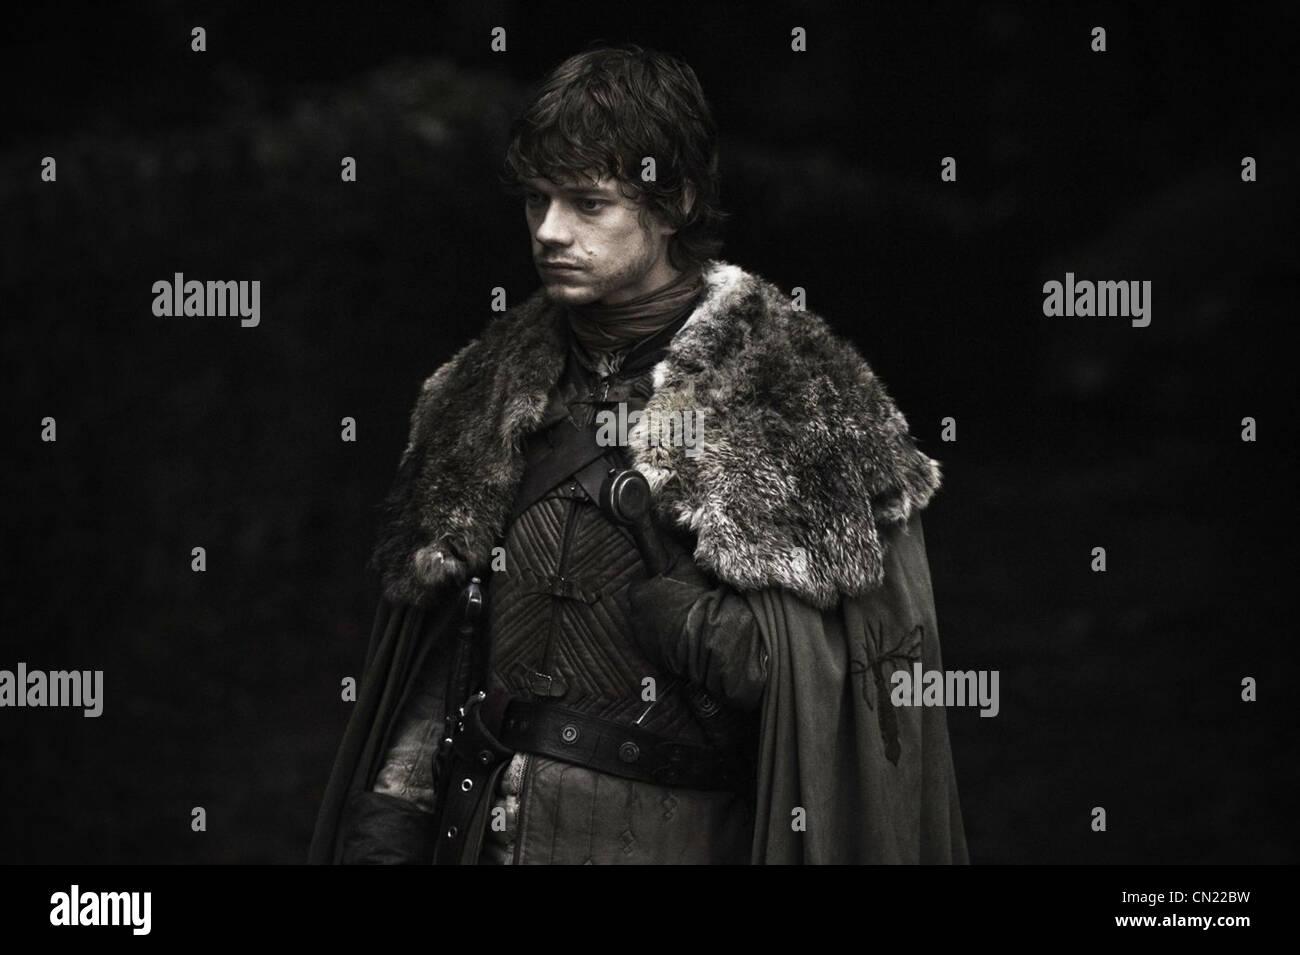 GAME OF THRONES (TV) (2011) ALFIE ALLEN, 002 MOVIESTORE COLLECTION LTD - Stock Image